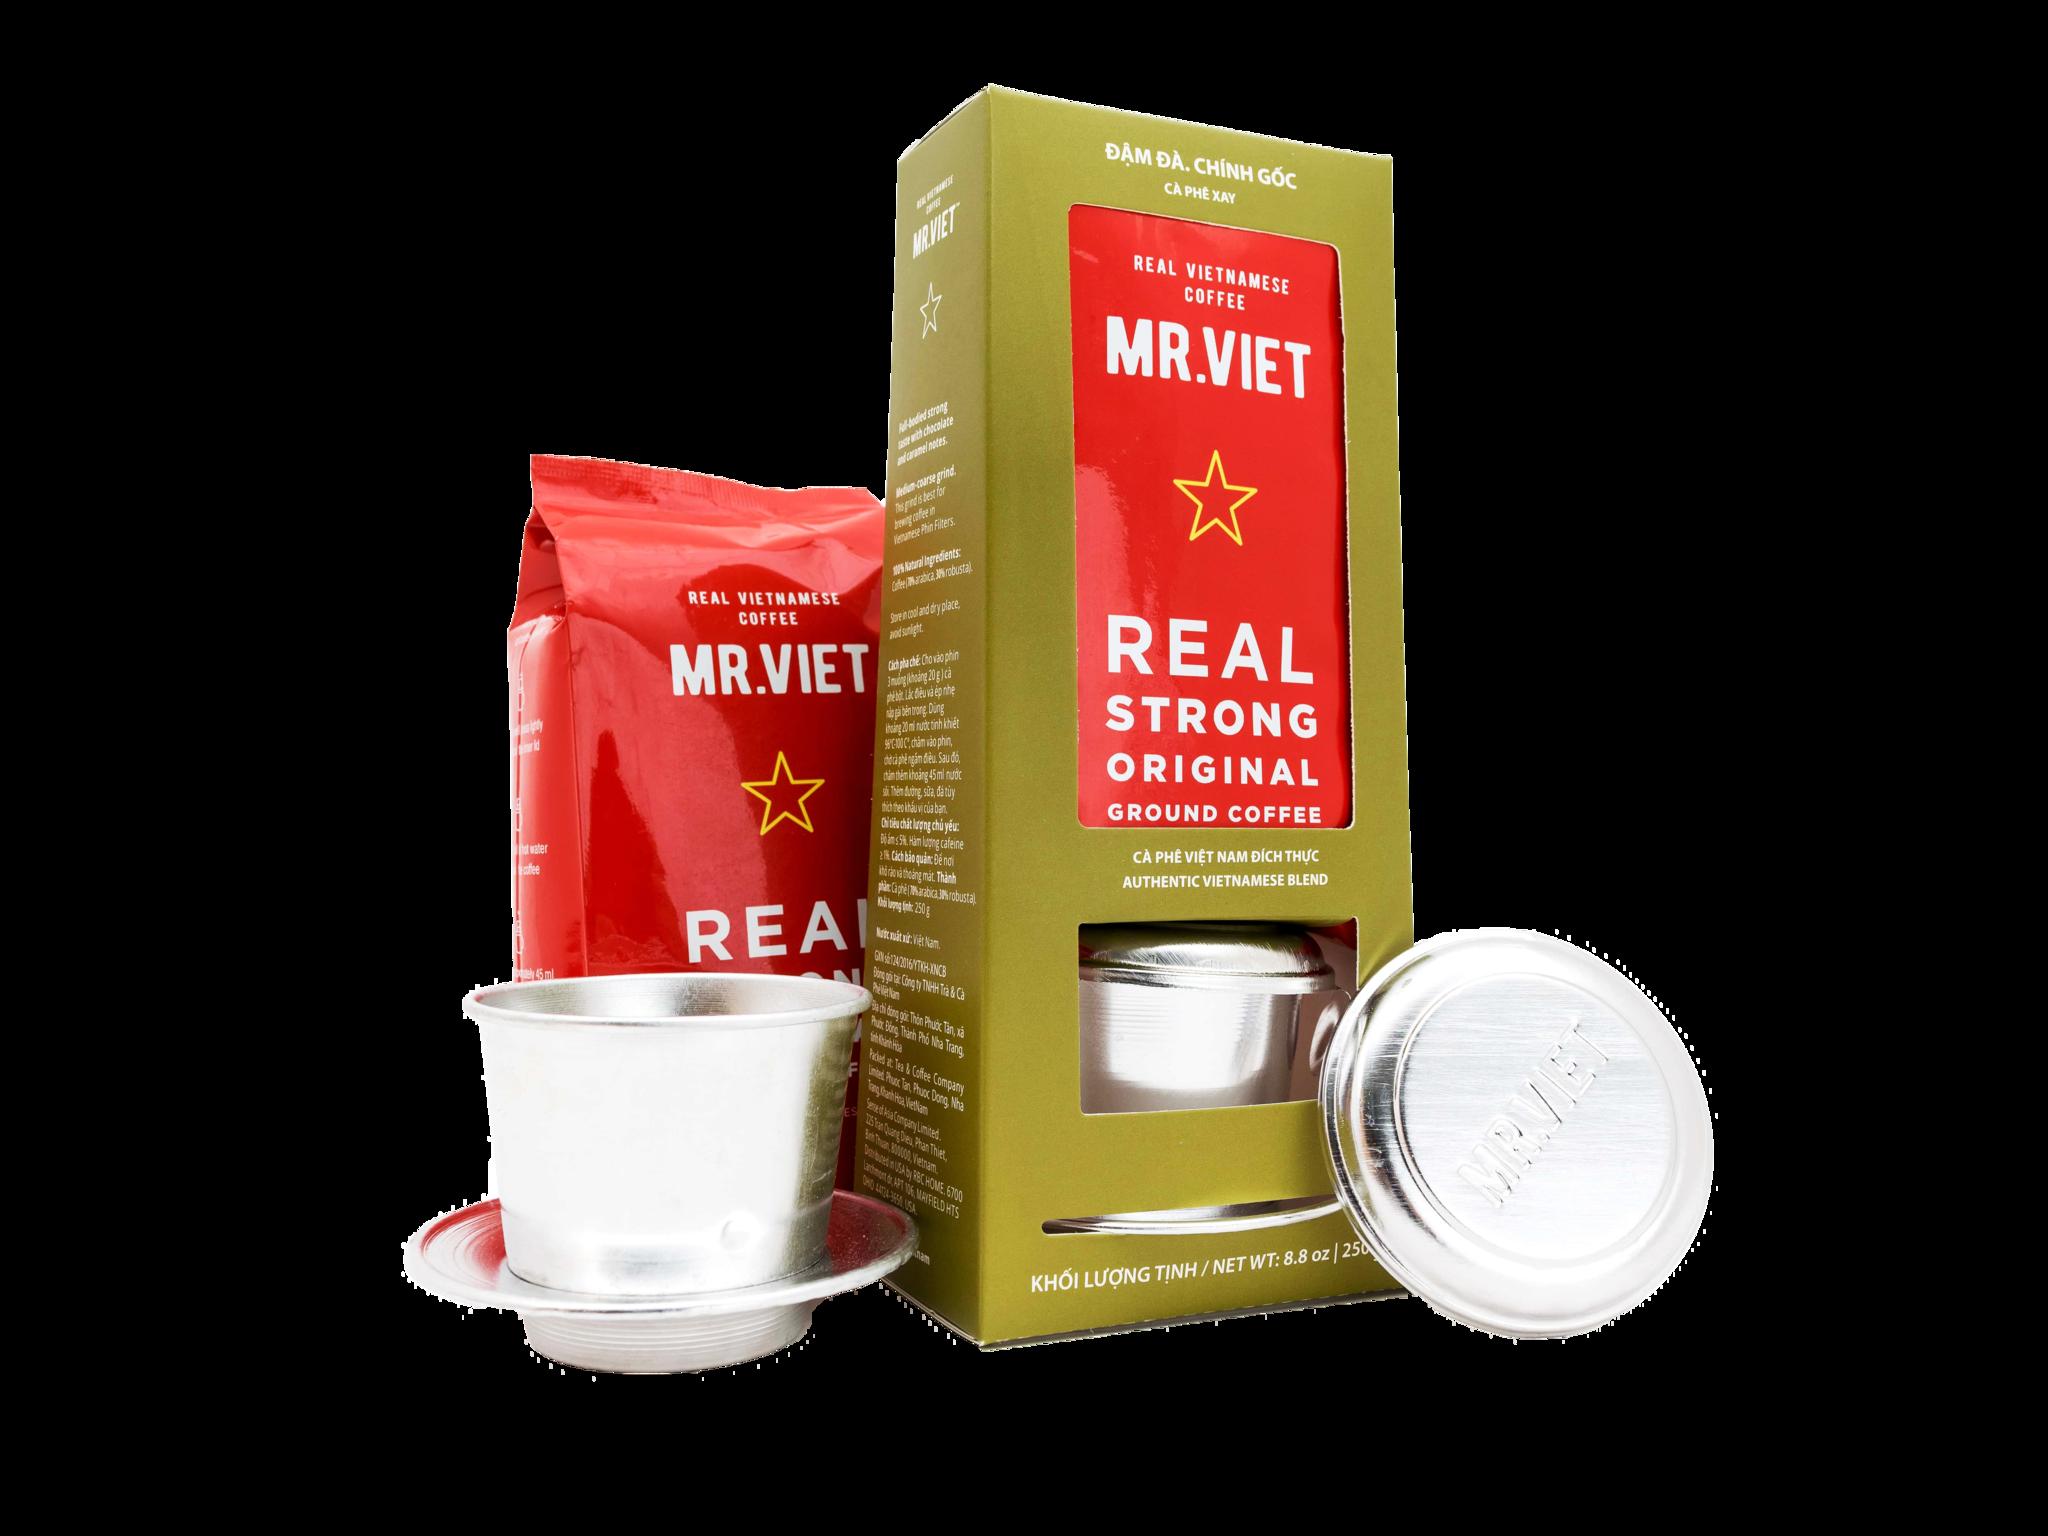 Кофе молотый Mr.Viet Real strong original набор с фином 250 г